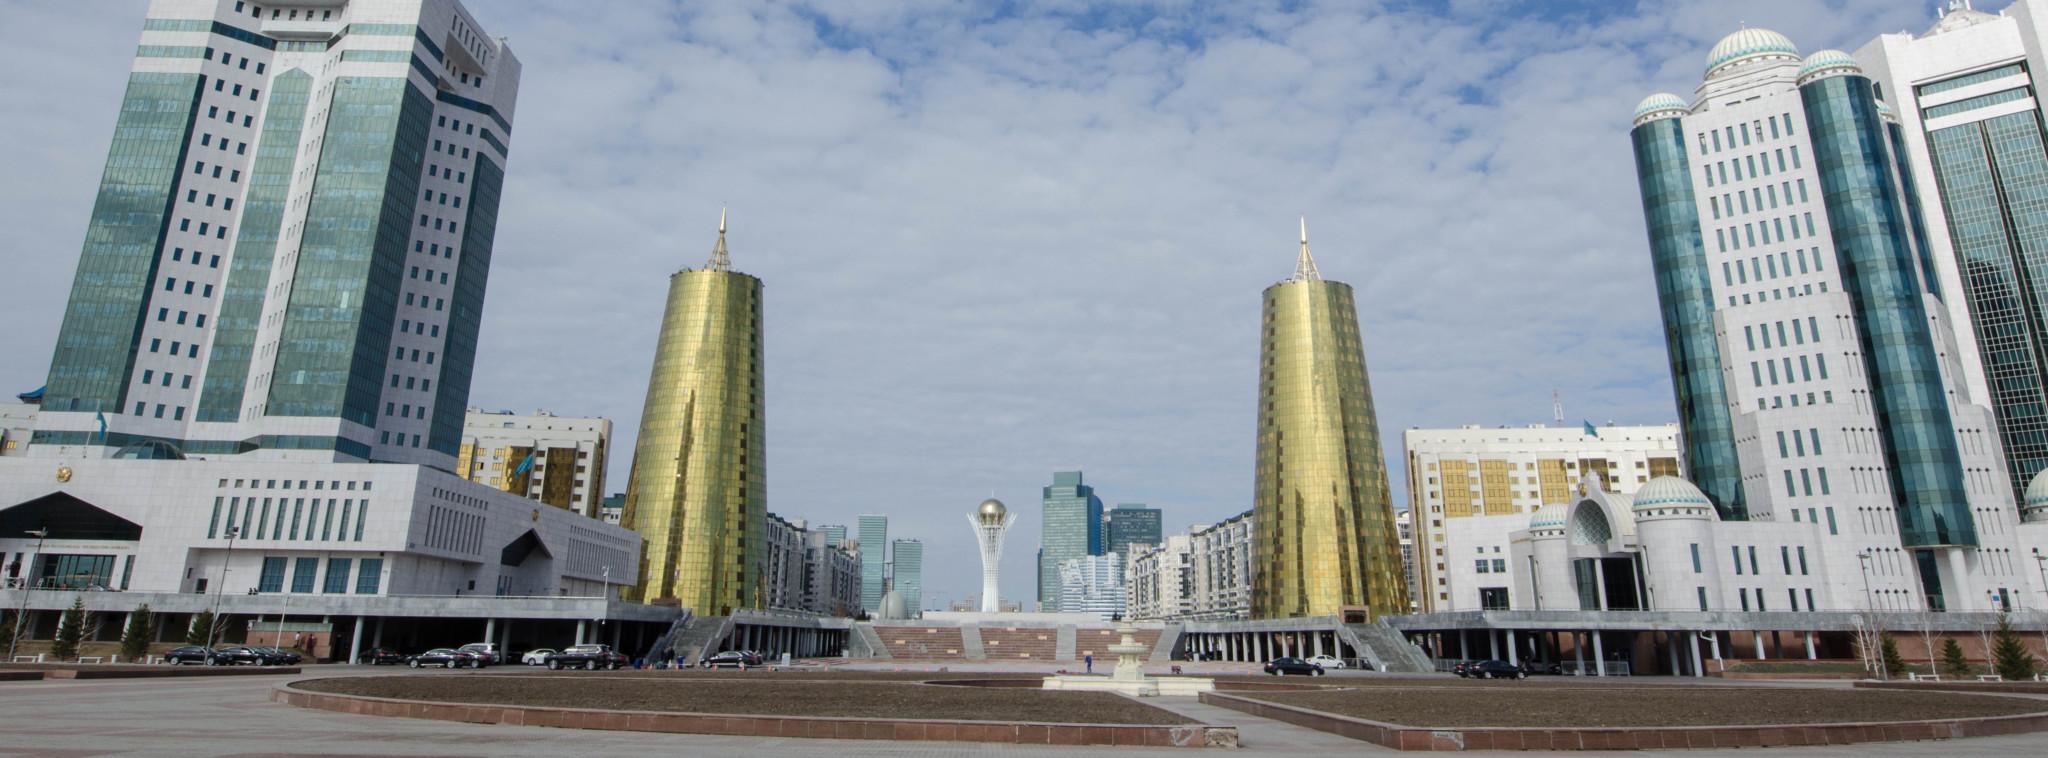 Bierdosen-Gebäude in Astana